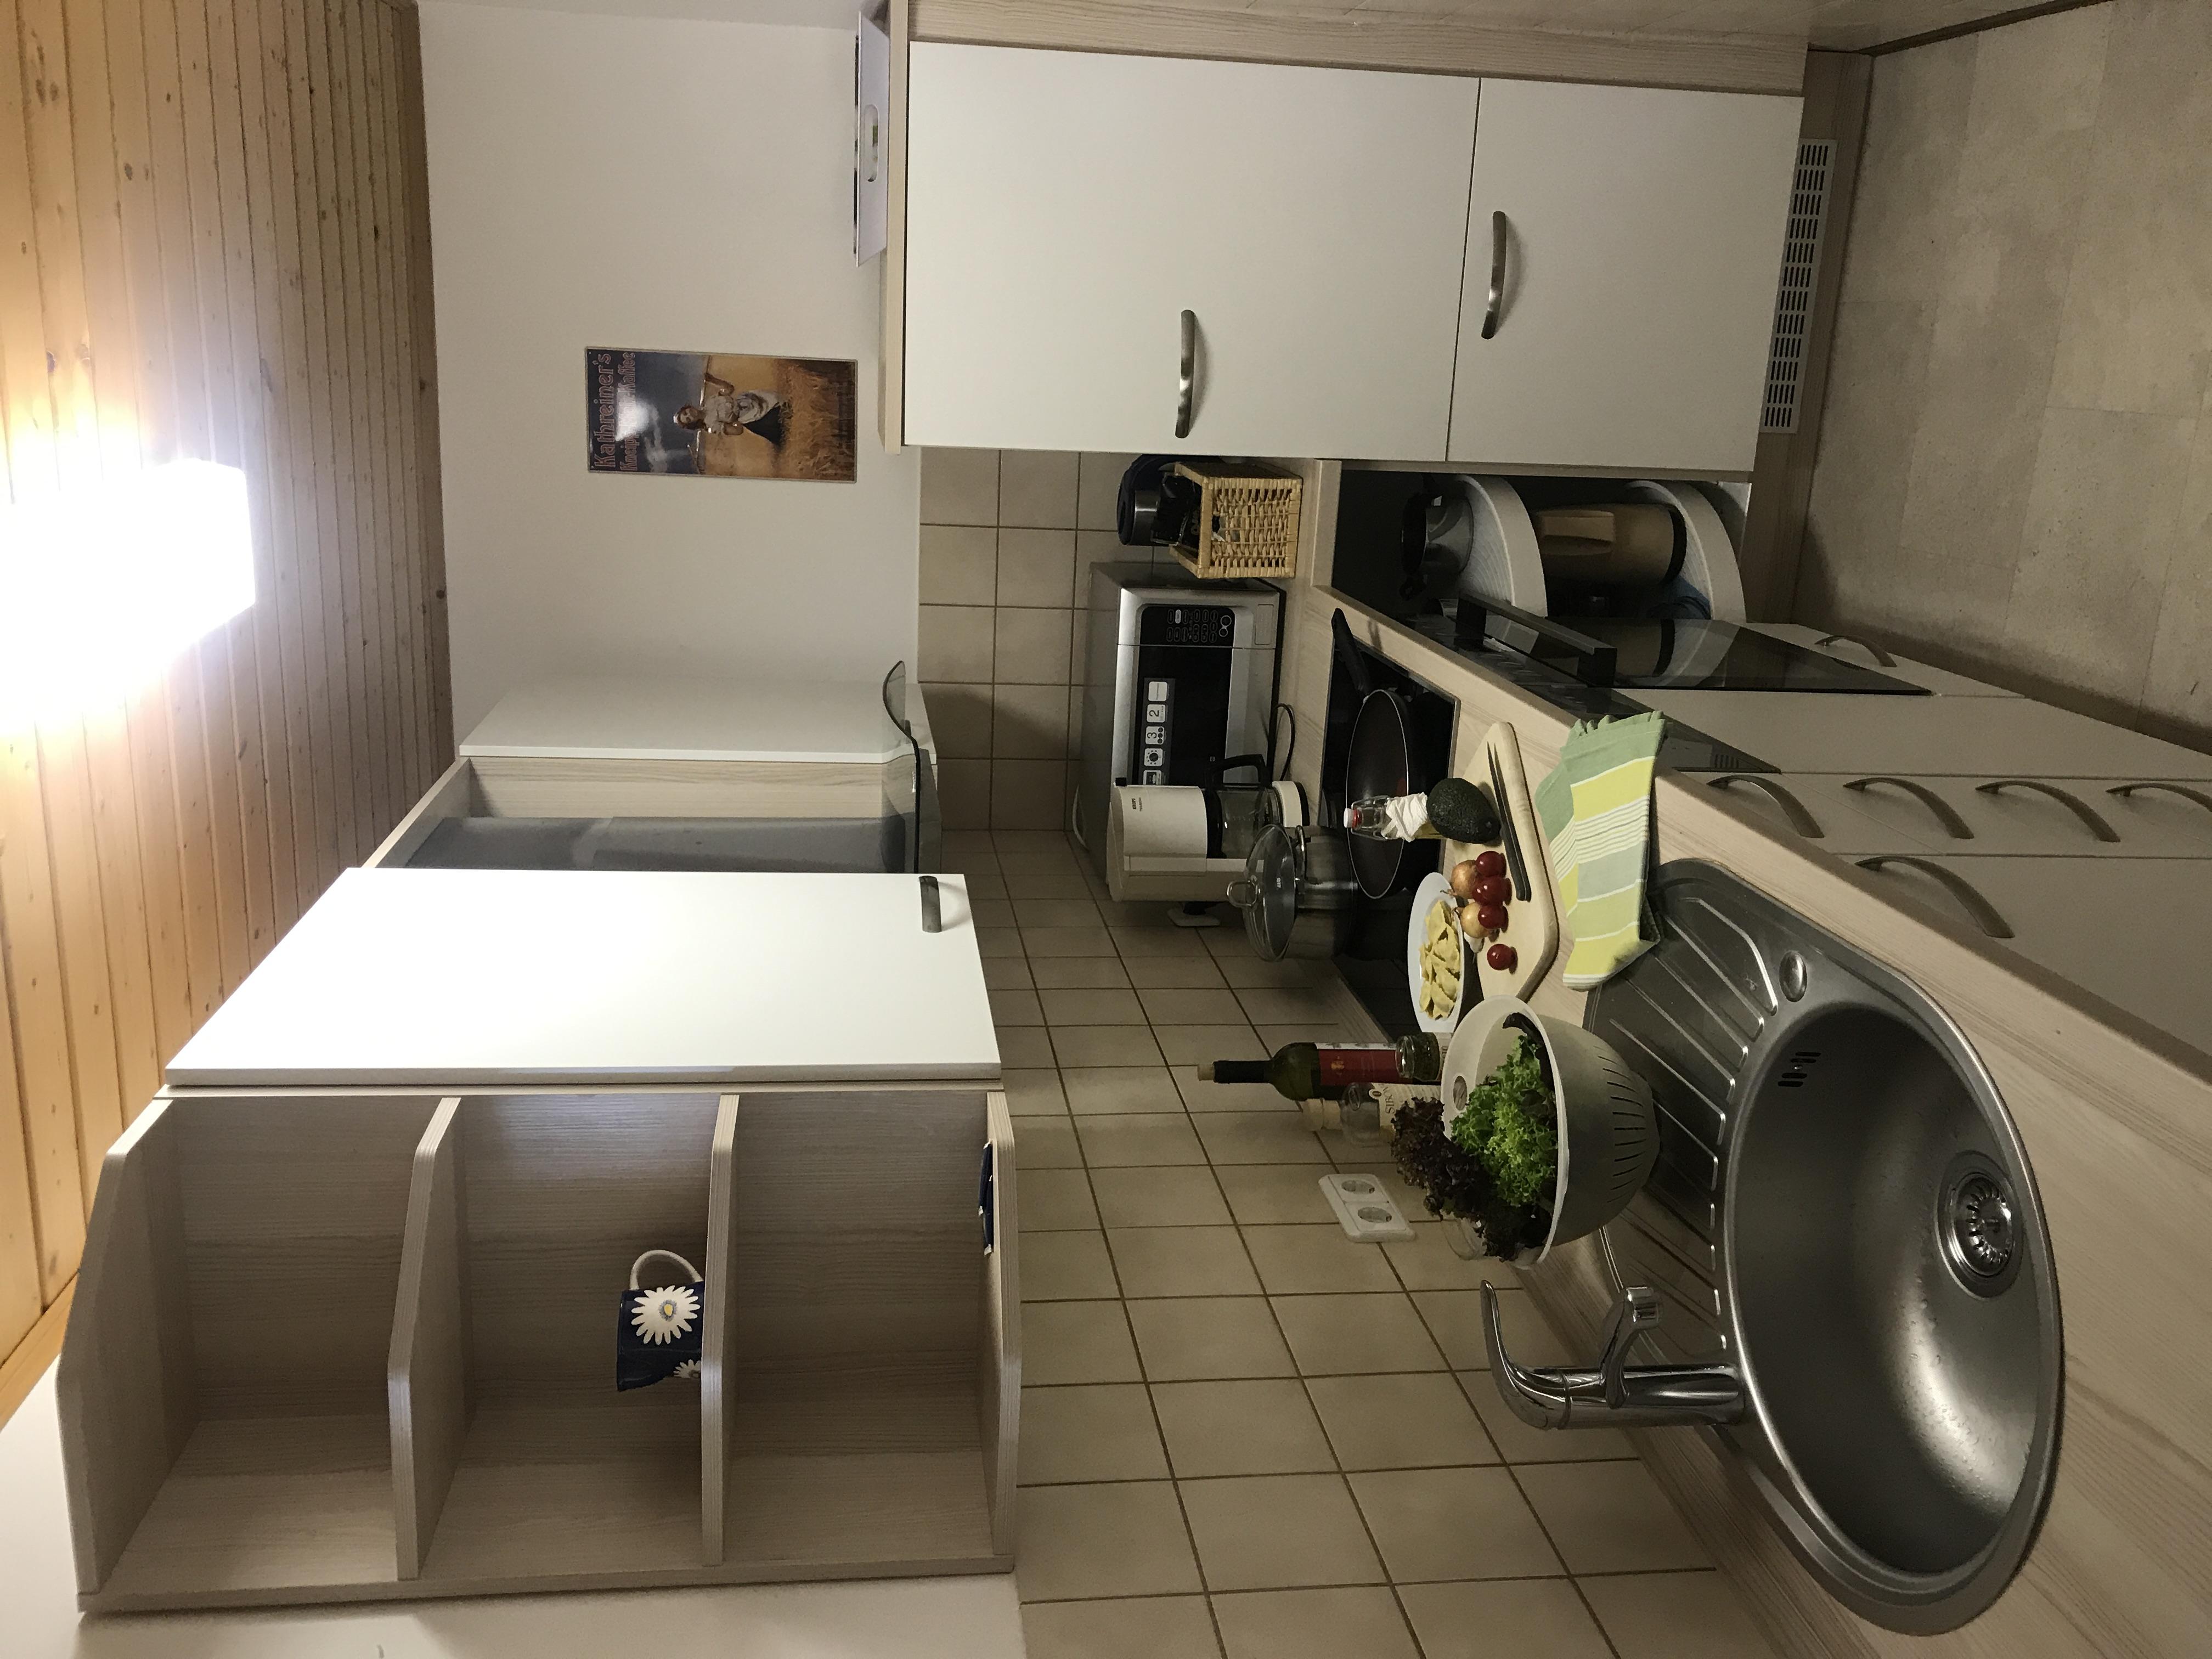 Küche:Die Küche ist komplett eingerichtet inkl. WaschmaschineKüche